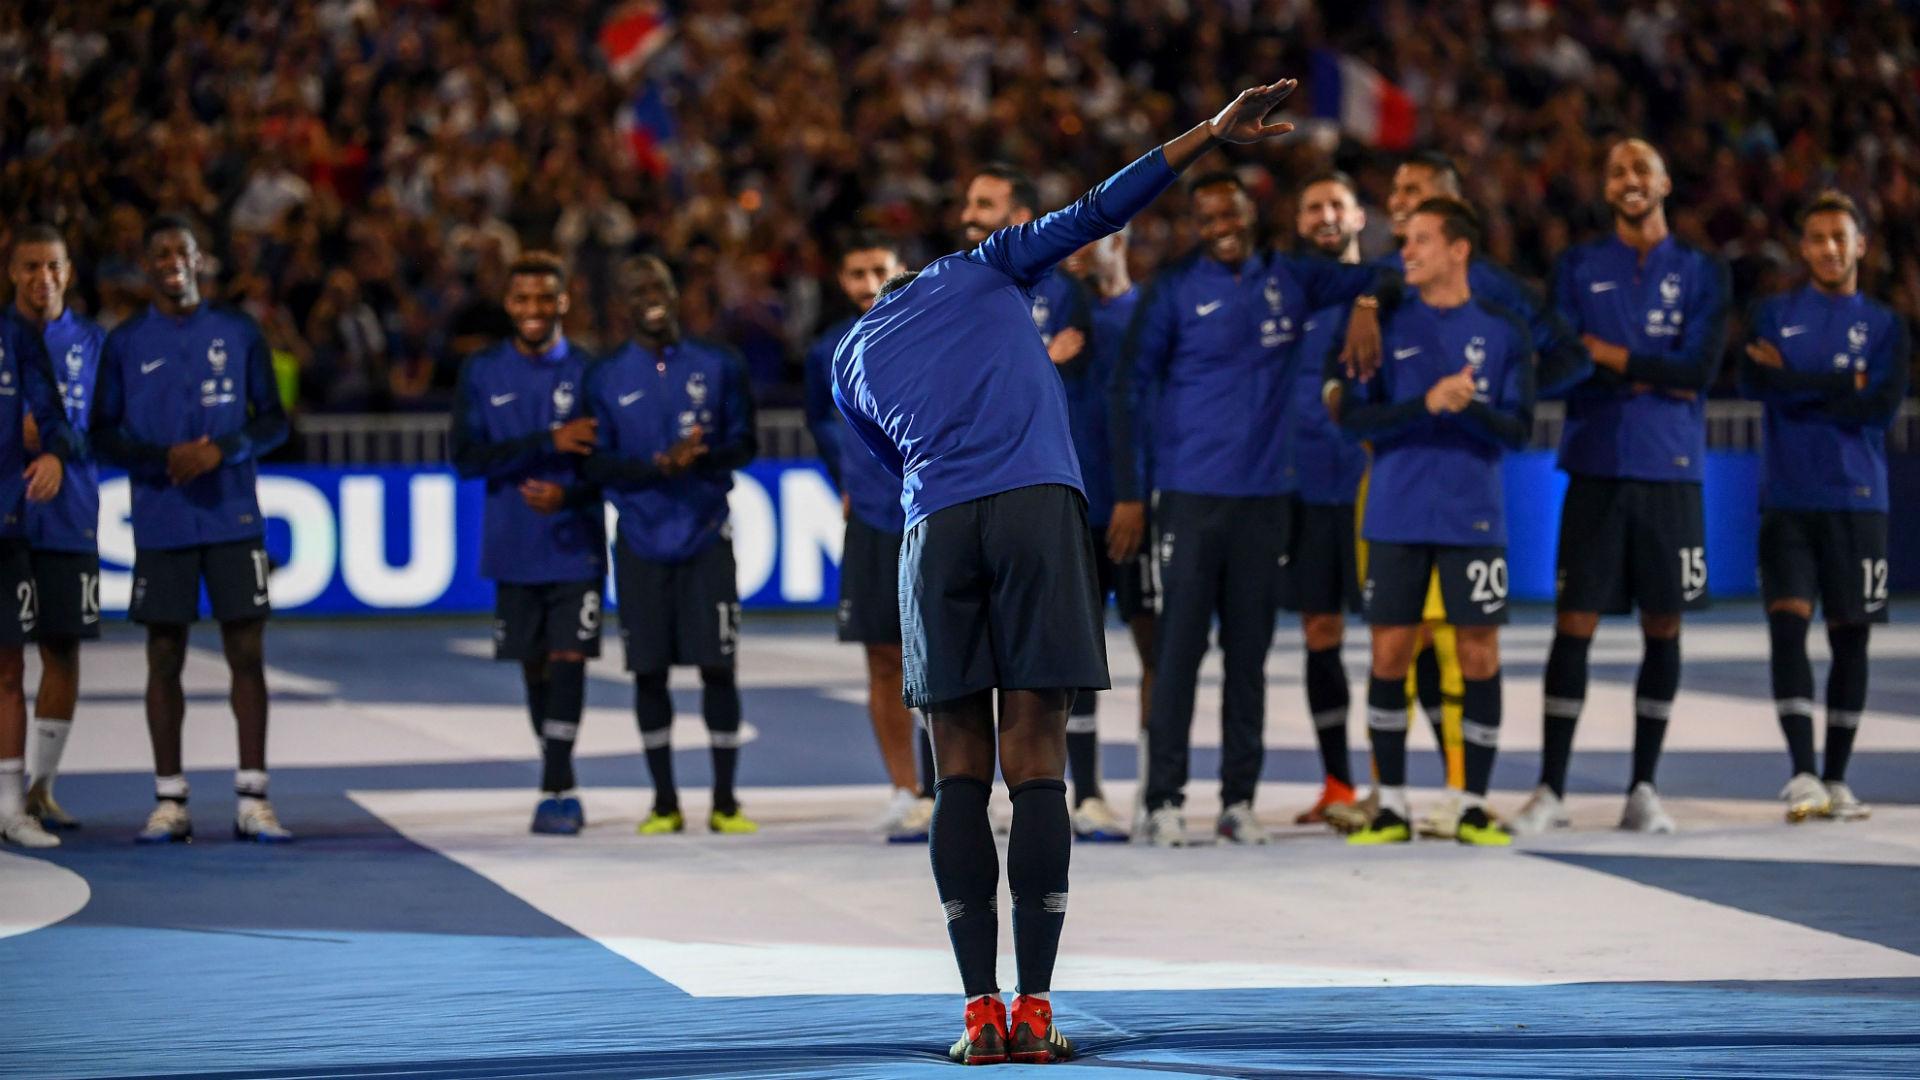 France celebrations